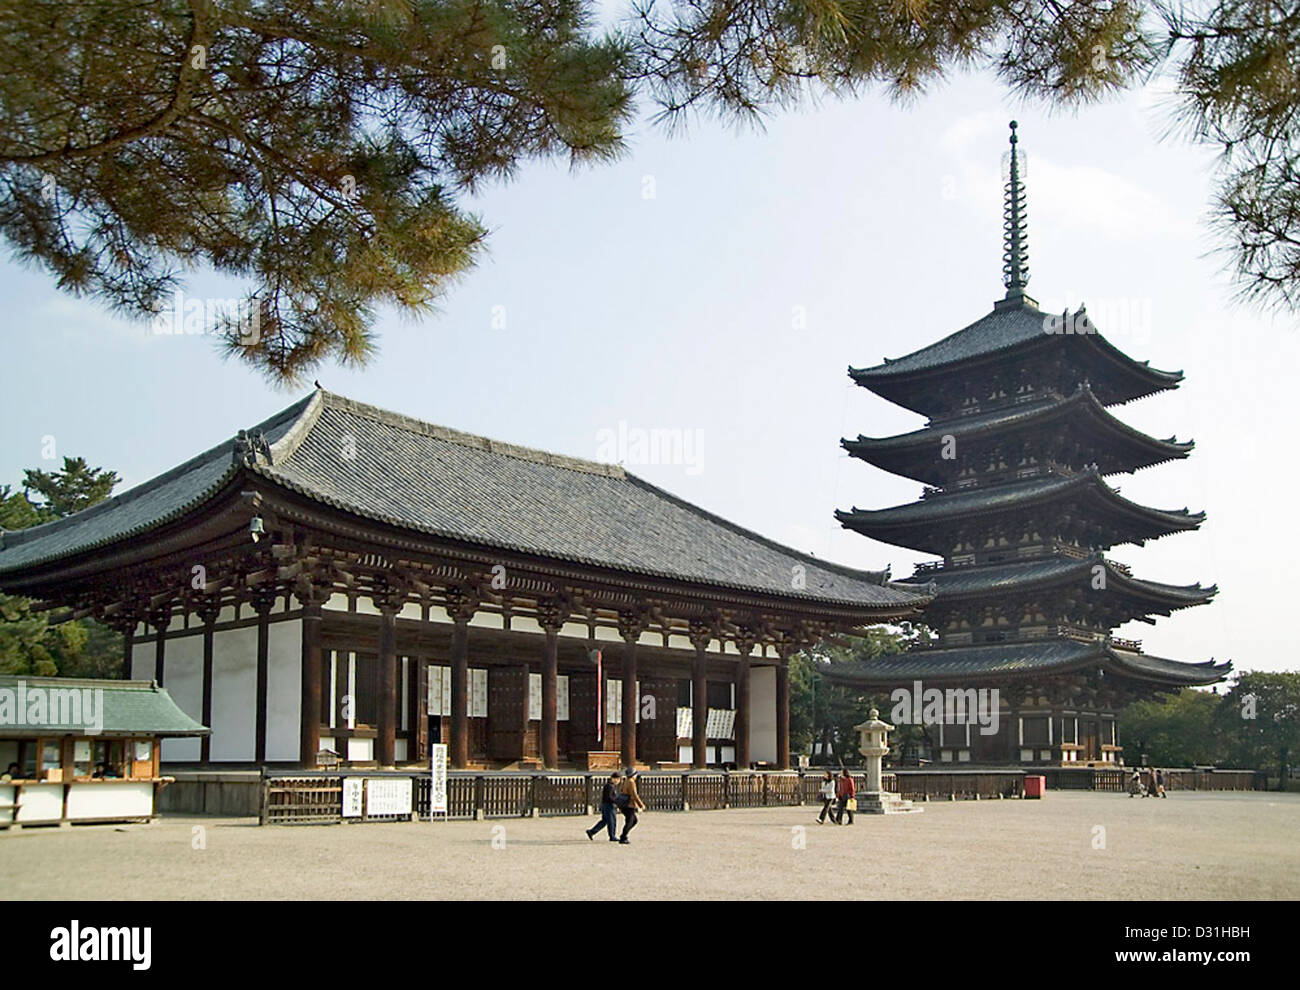 Kofukuji Buddhism Buddhist temple Nara Japan - Stock Image